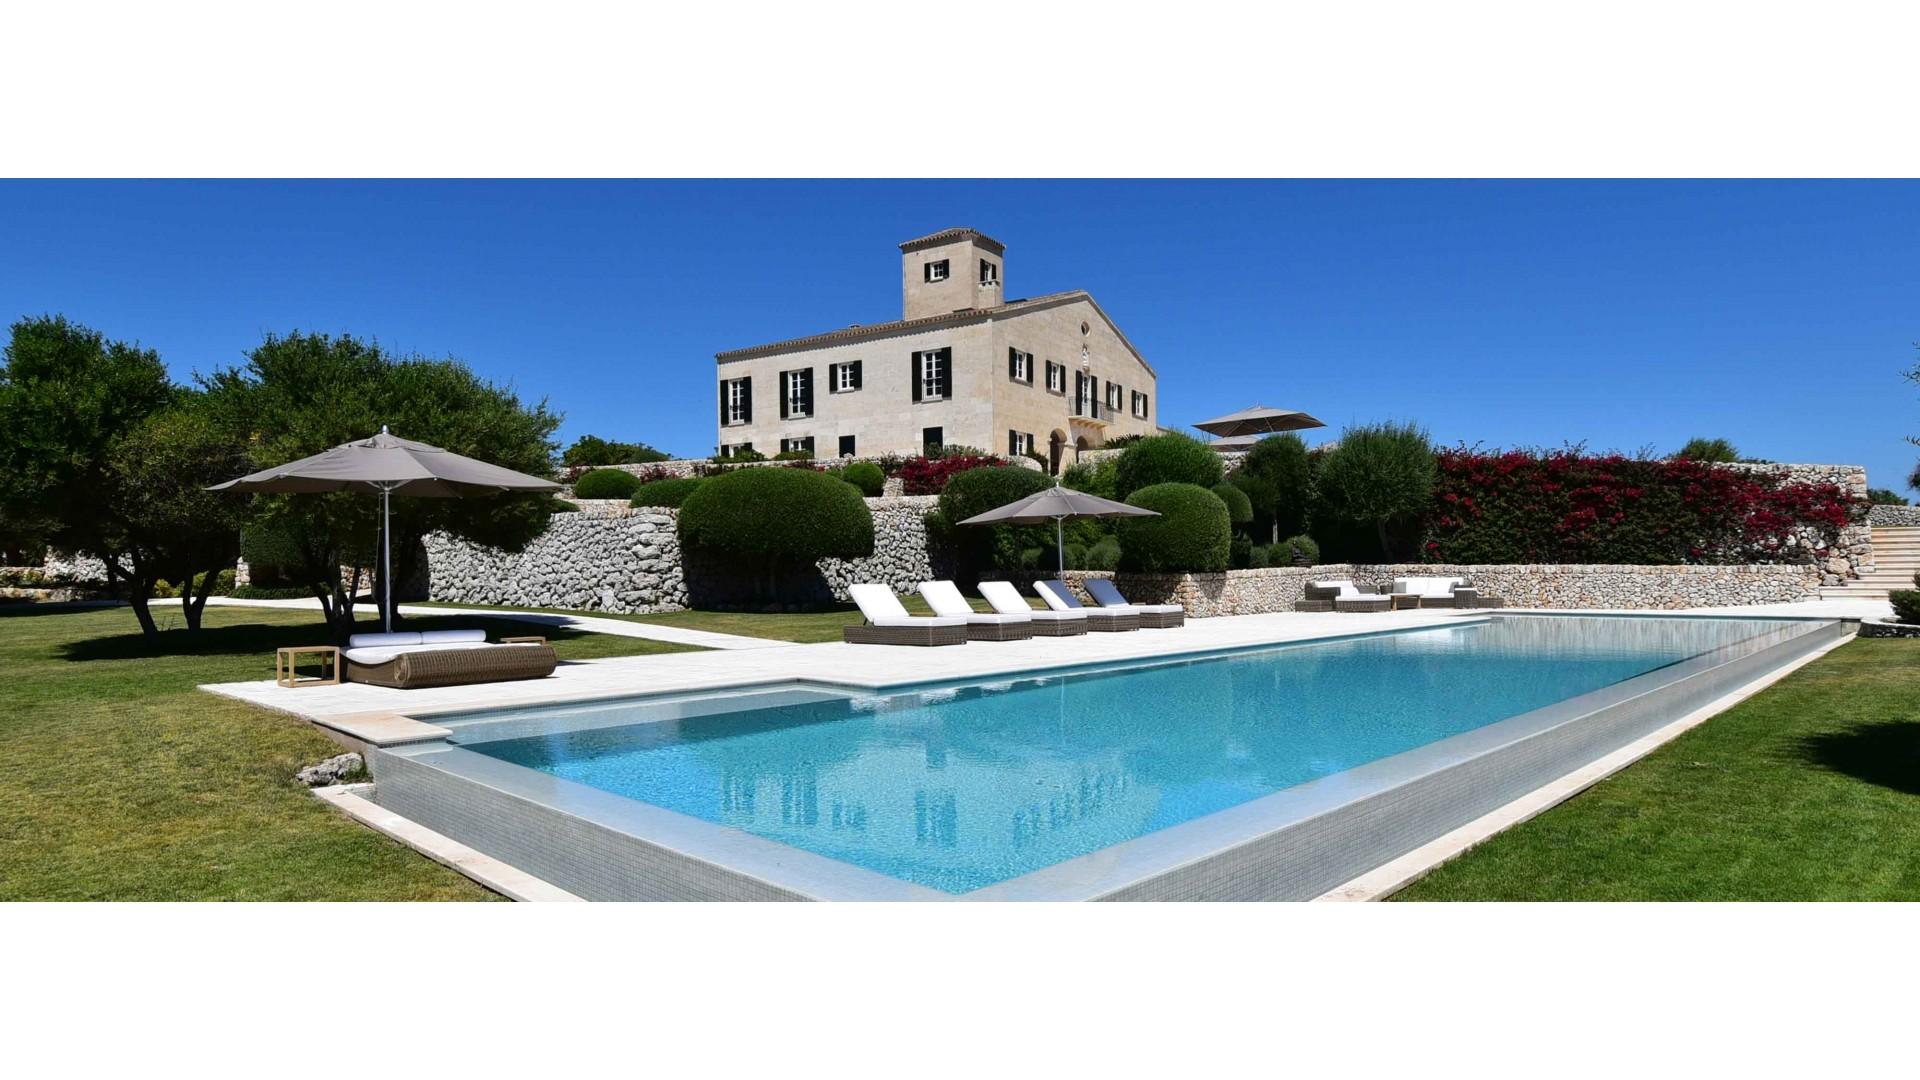 Menorca Spain Hotels | 2018 World's Best Hotels